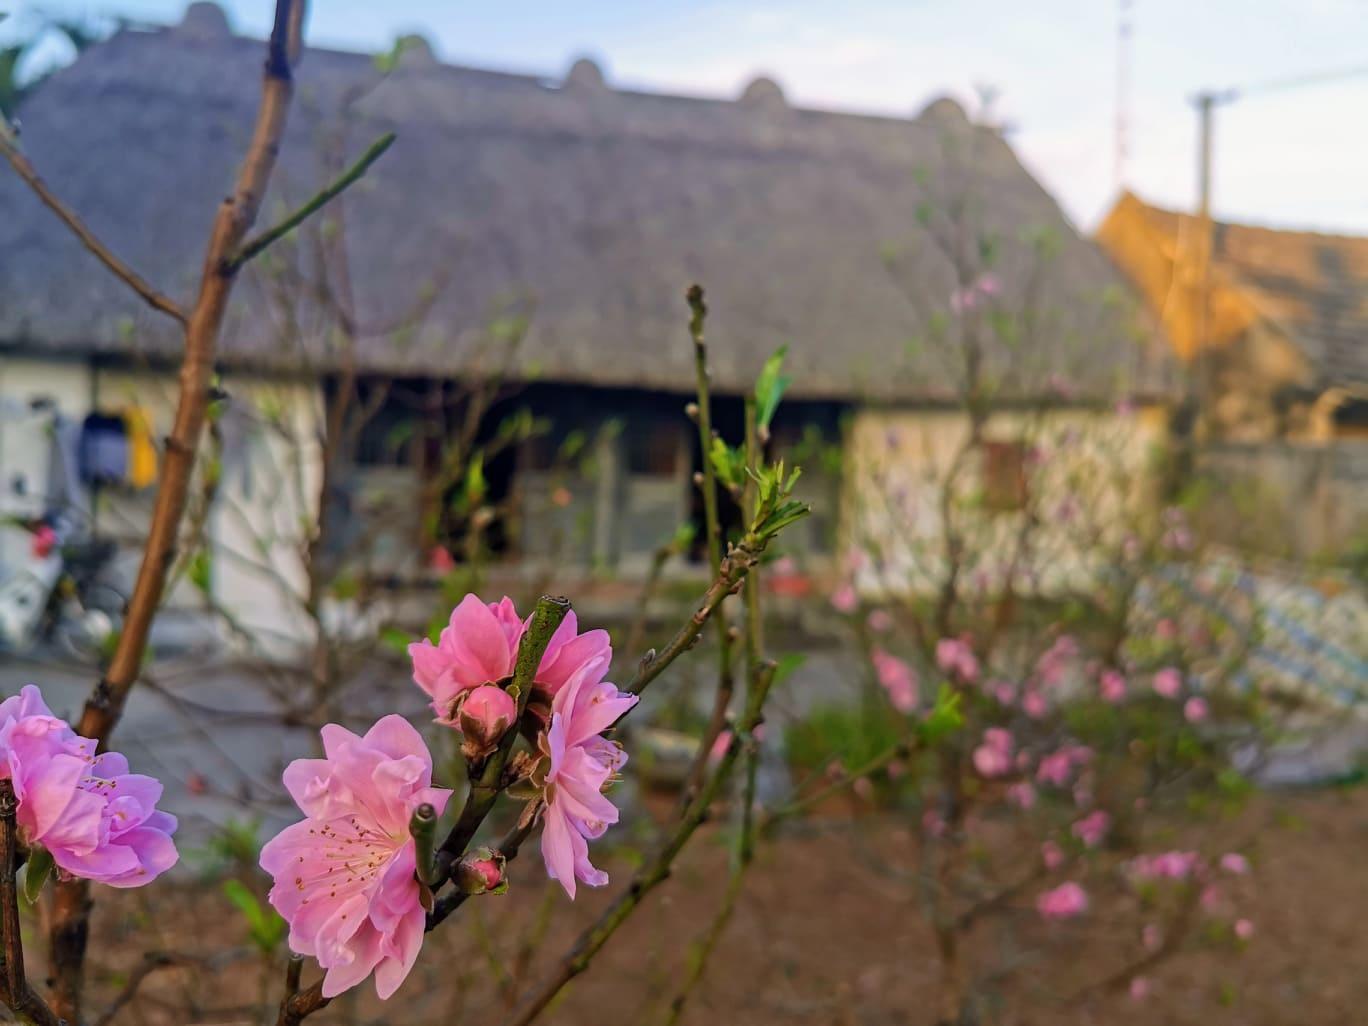 Mê mẩn với vẻ đẹp mộc mạc của ngôi nhà mái rạ ở miền quê gạo tám